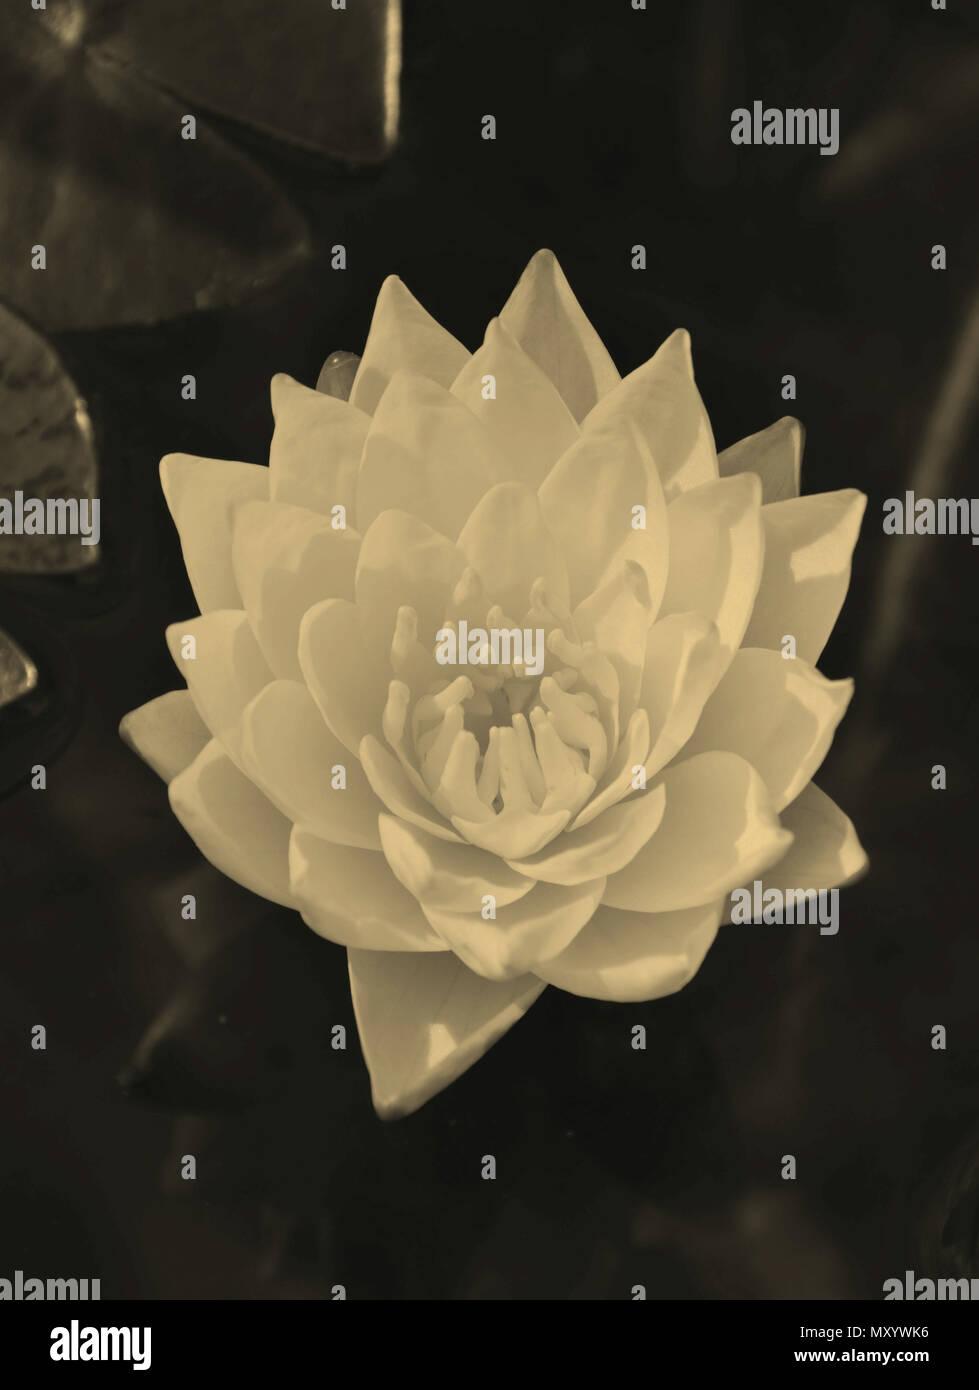 Seerose mit Sepia Effekt als ein Zeichen von Verlust, Trauer und Einsamkeit Stockbild